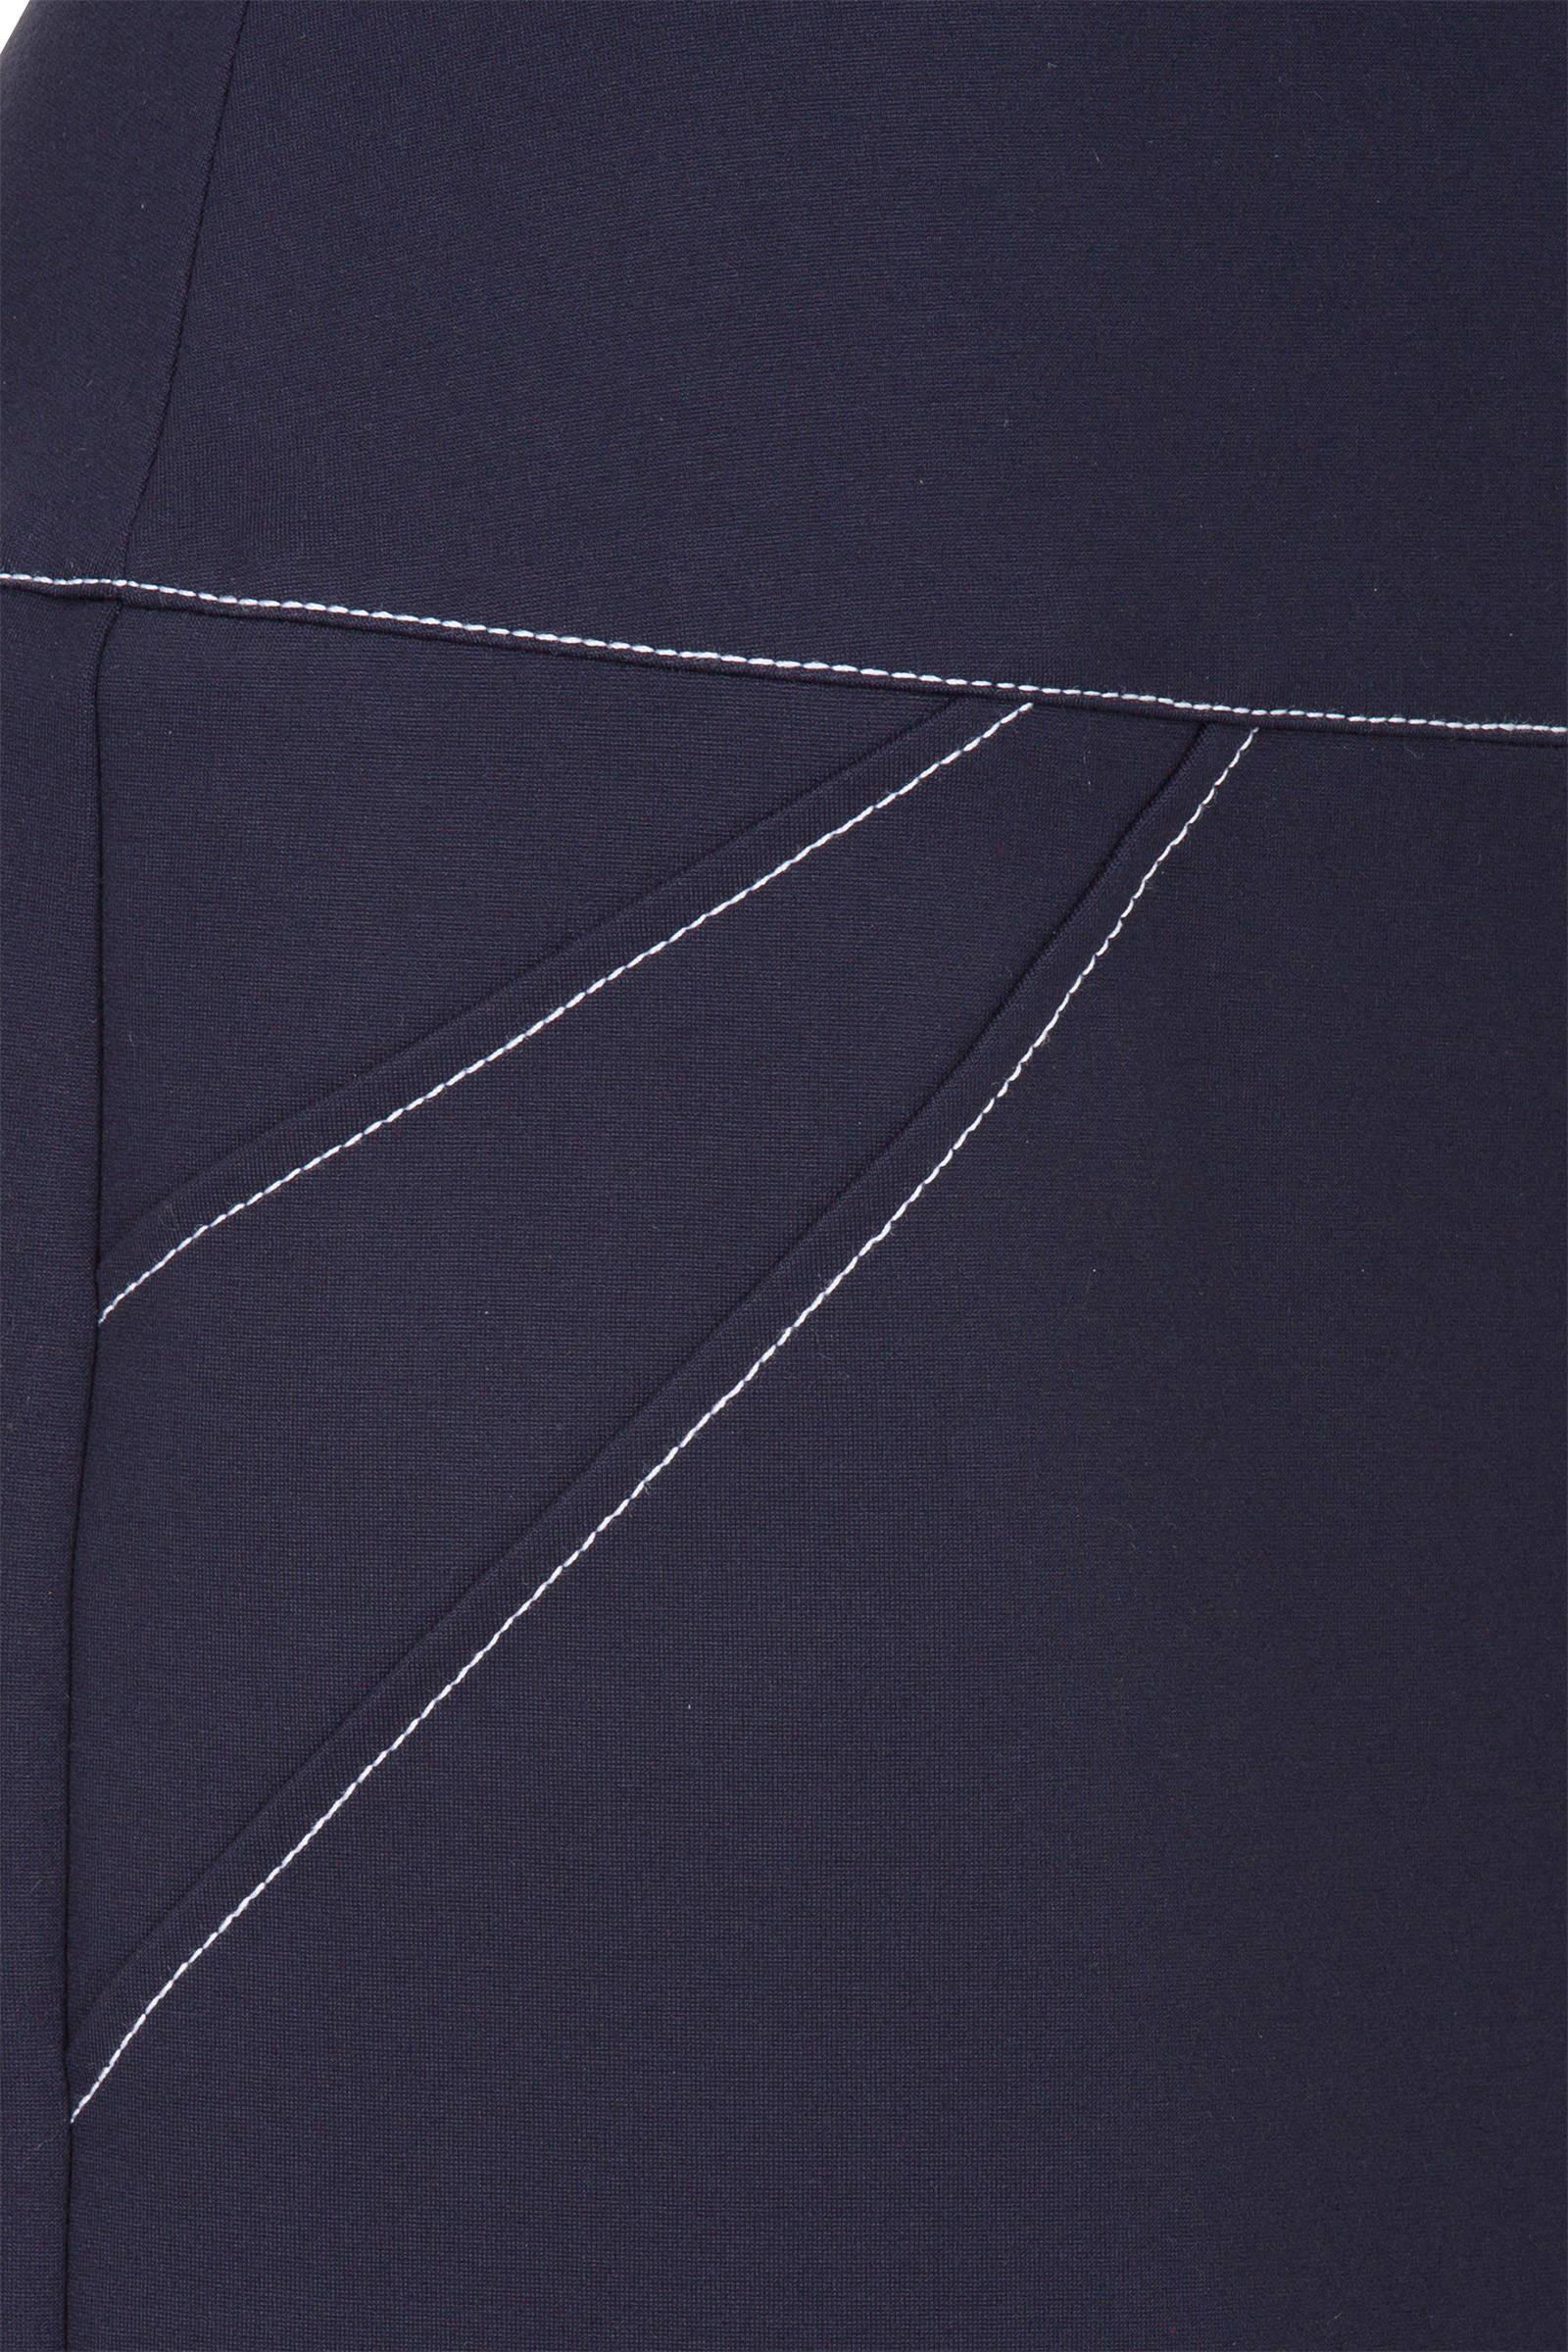 uniek ontwerp heet product grote verscheidenheid aan stijlen Promiss Promiss Donkerblauw Rok Dameskleding Promiss ...